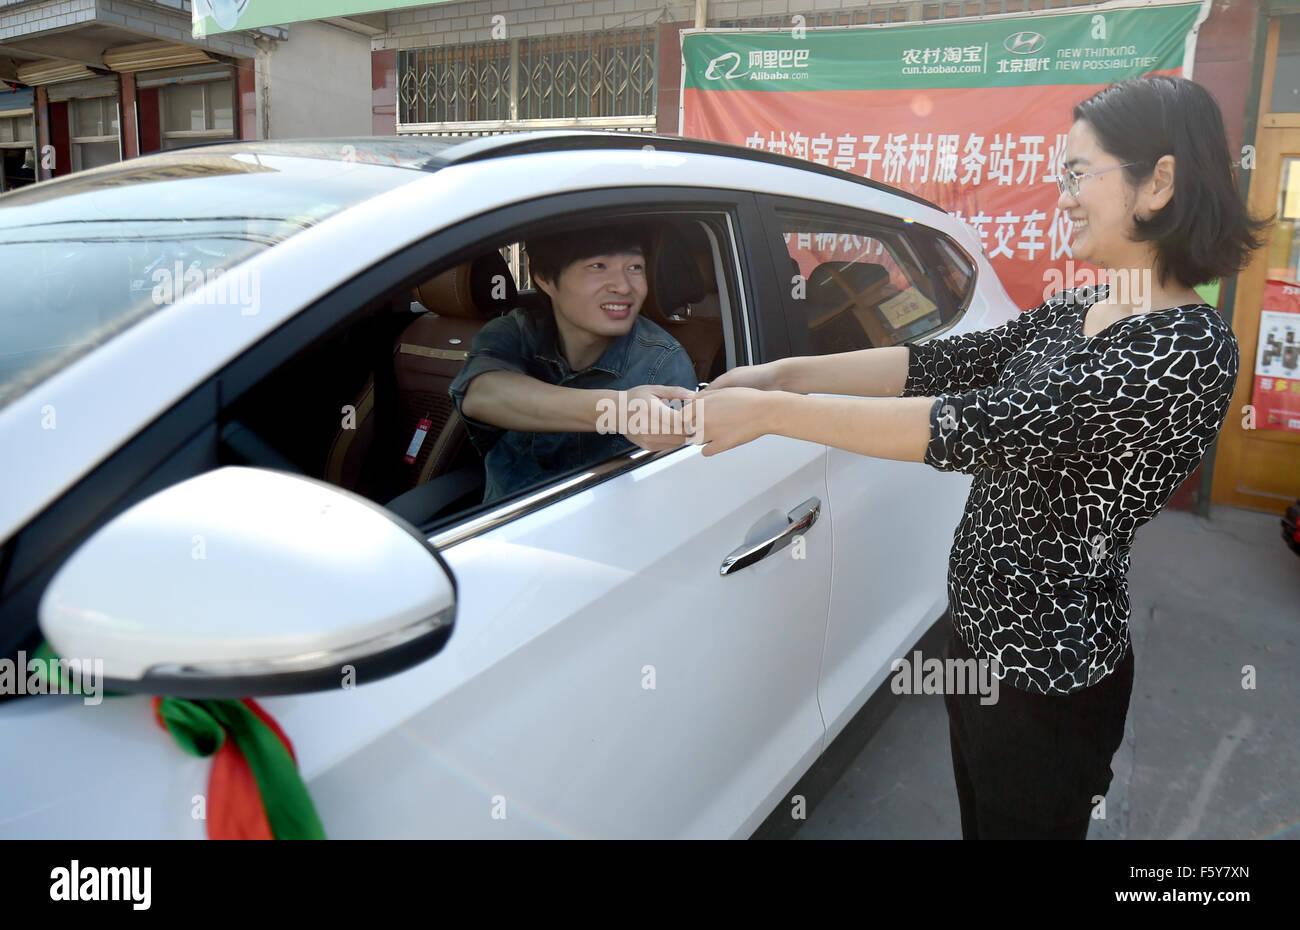 (151110) -- HANGZHOU, Nov. 10, 2015 (Xinhua) -- Chen Tao(L), a 'cuntao partner', delivers a car that a villager - Stock Image